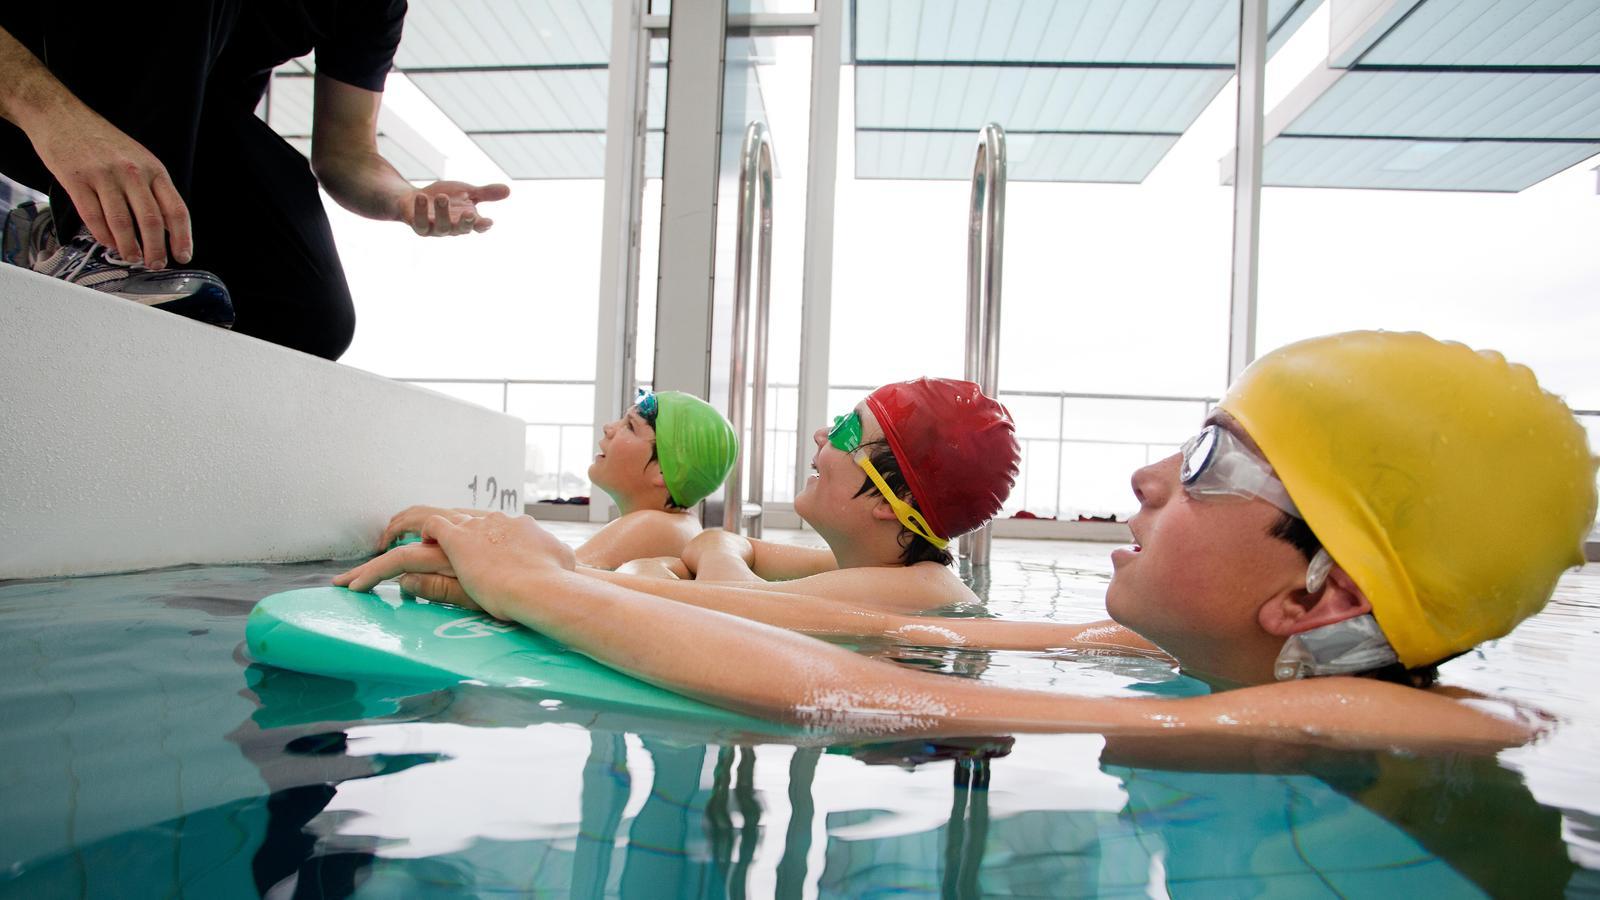 Niño con dispositivo Nucleus resistente al agua asistiendo a una clase de natación